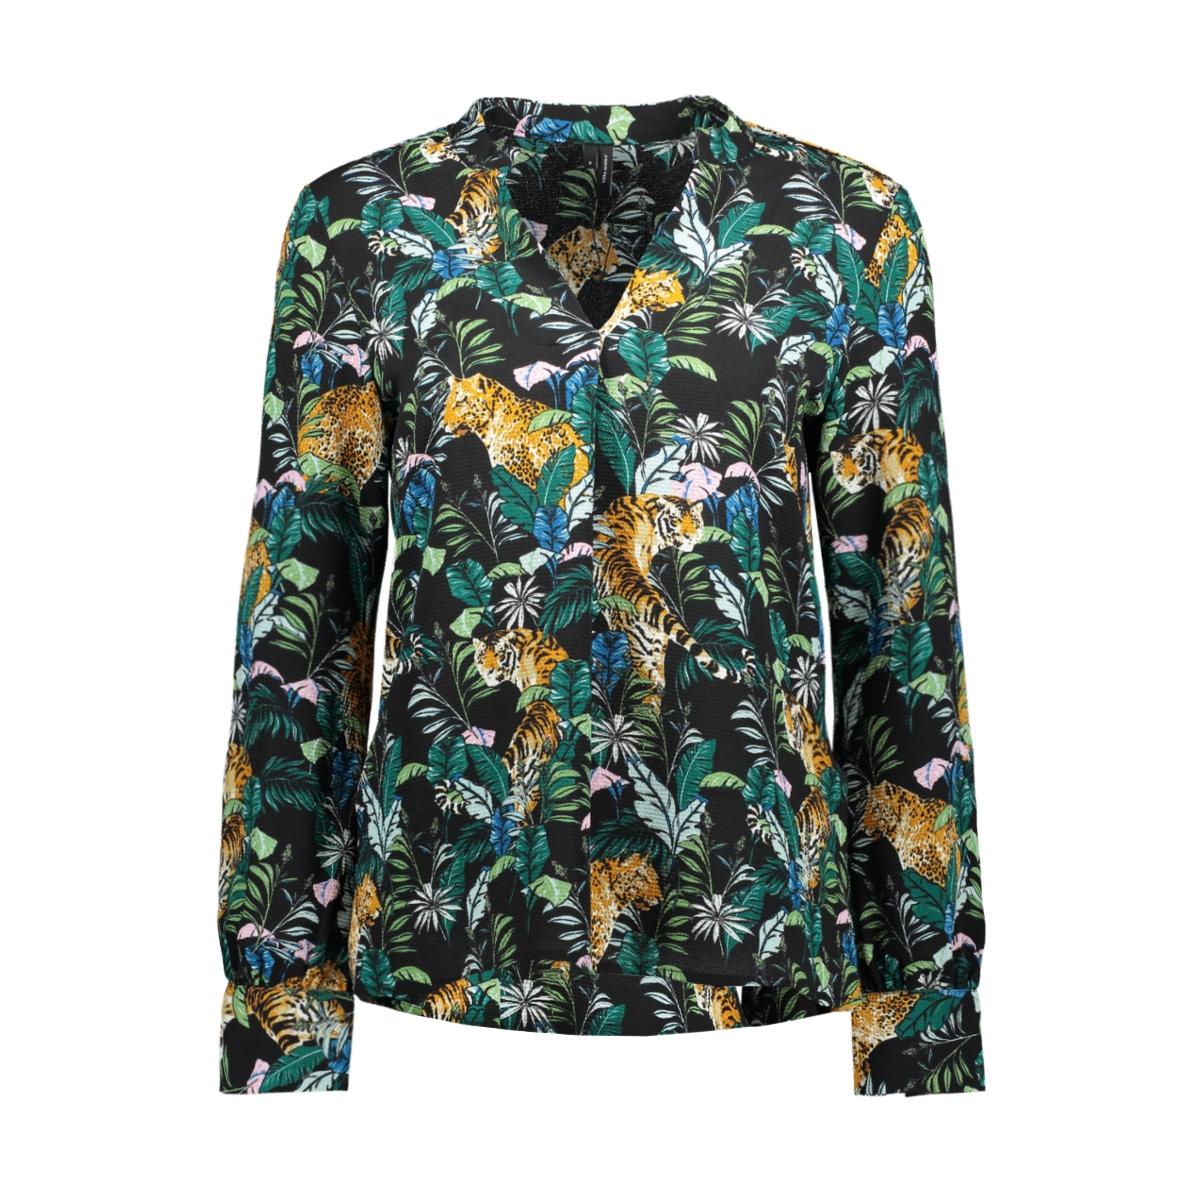 vmsasha rome l/s top exp 10212982 vero moda blouse black/jungle